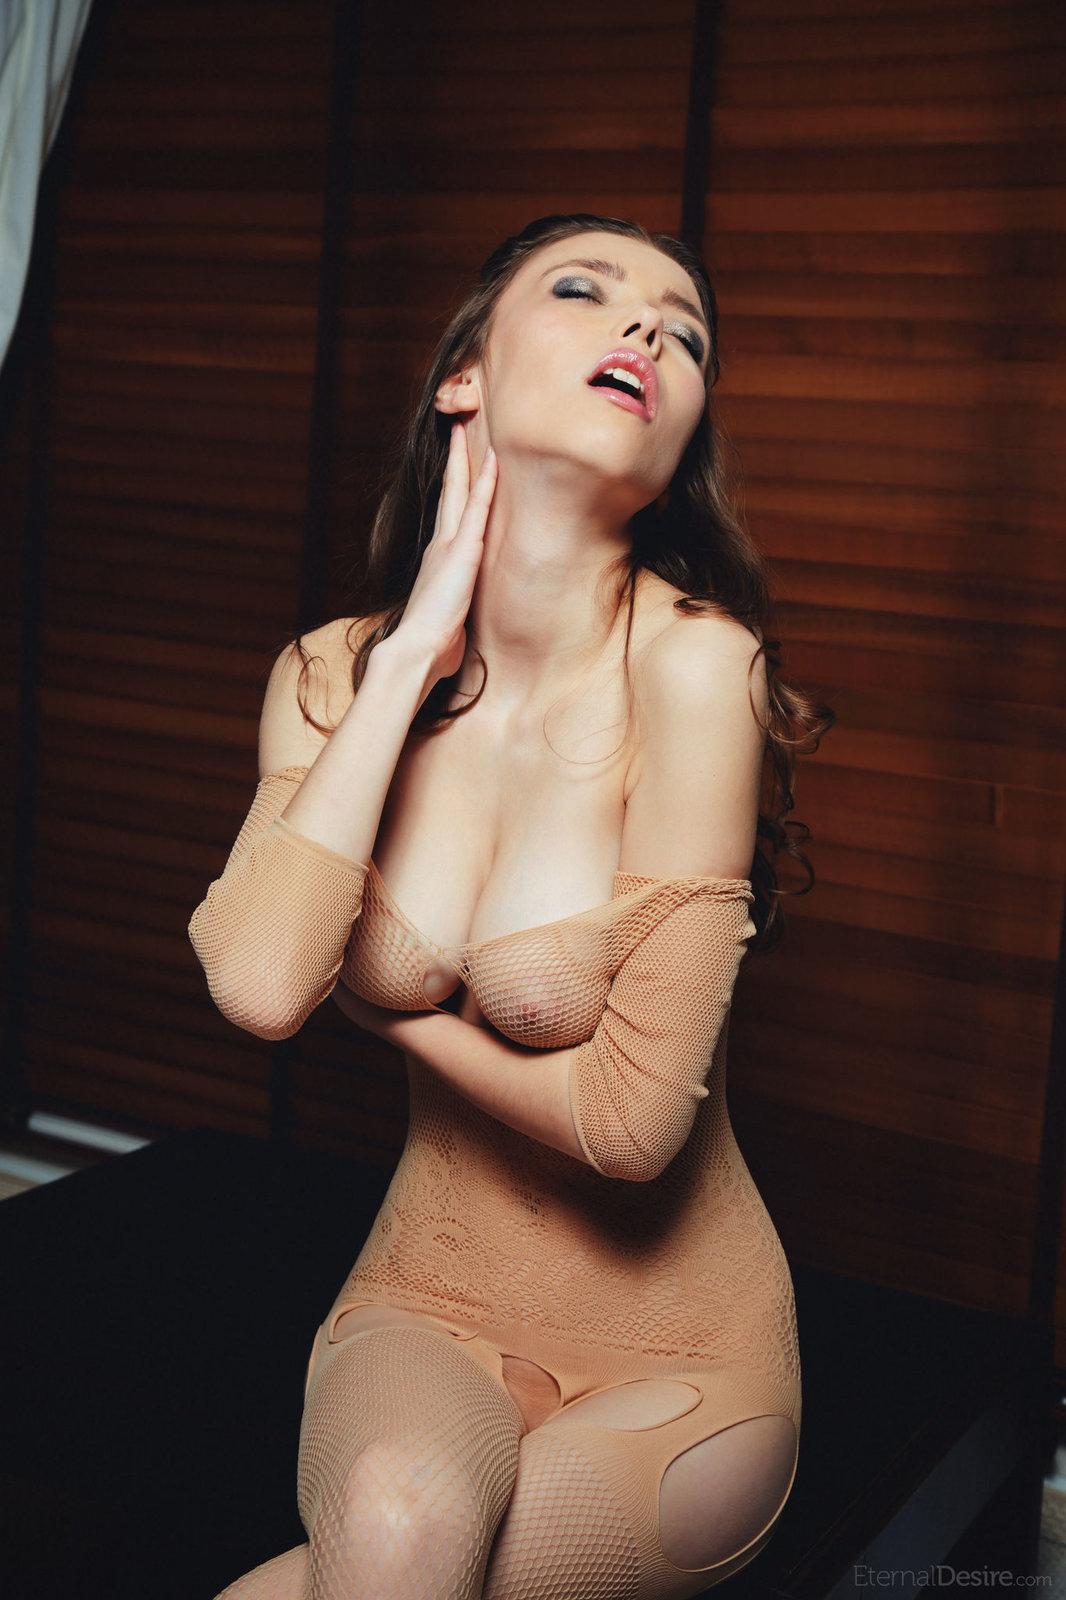 Zdjęcie porno - 0919 - Cudowny biuścik